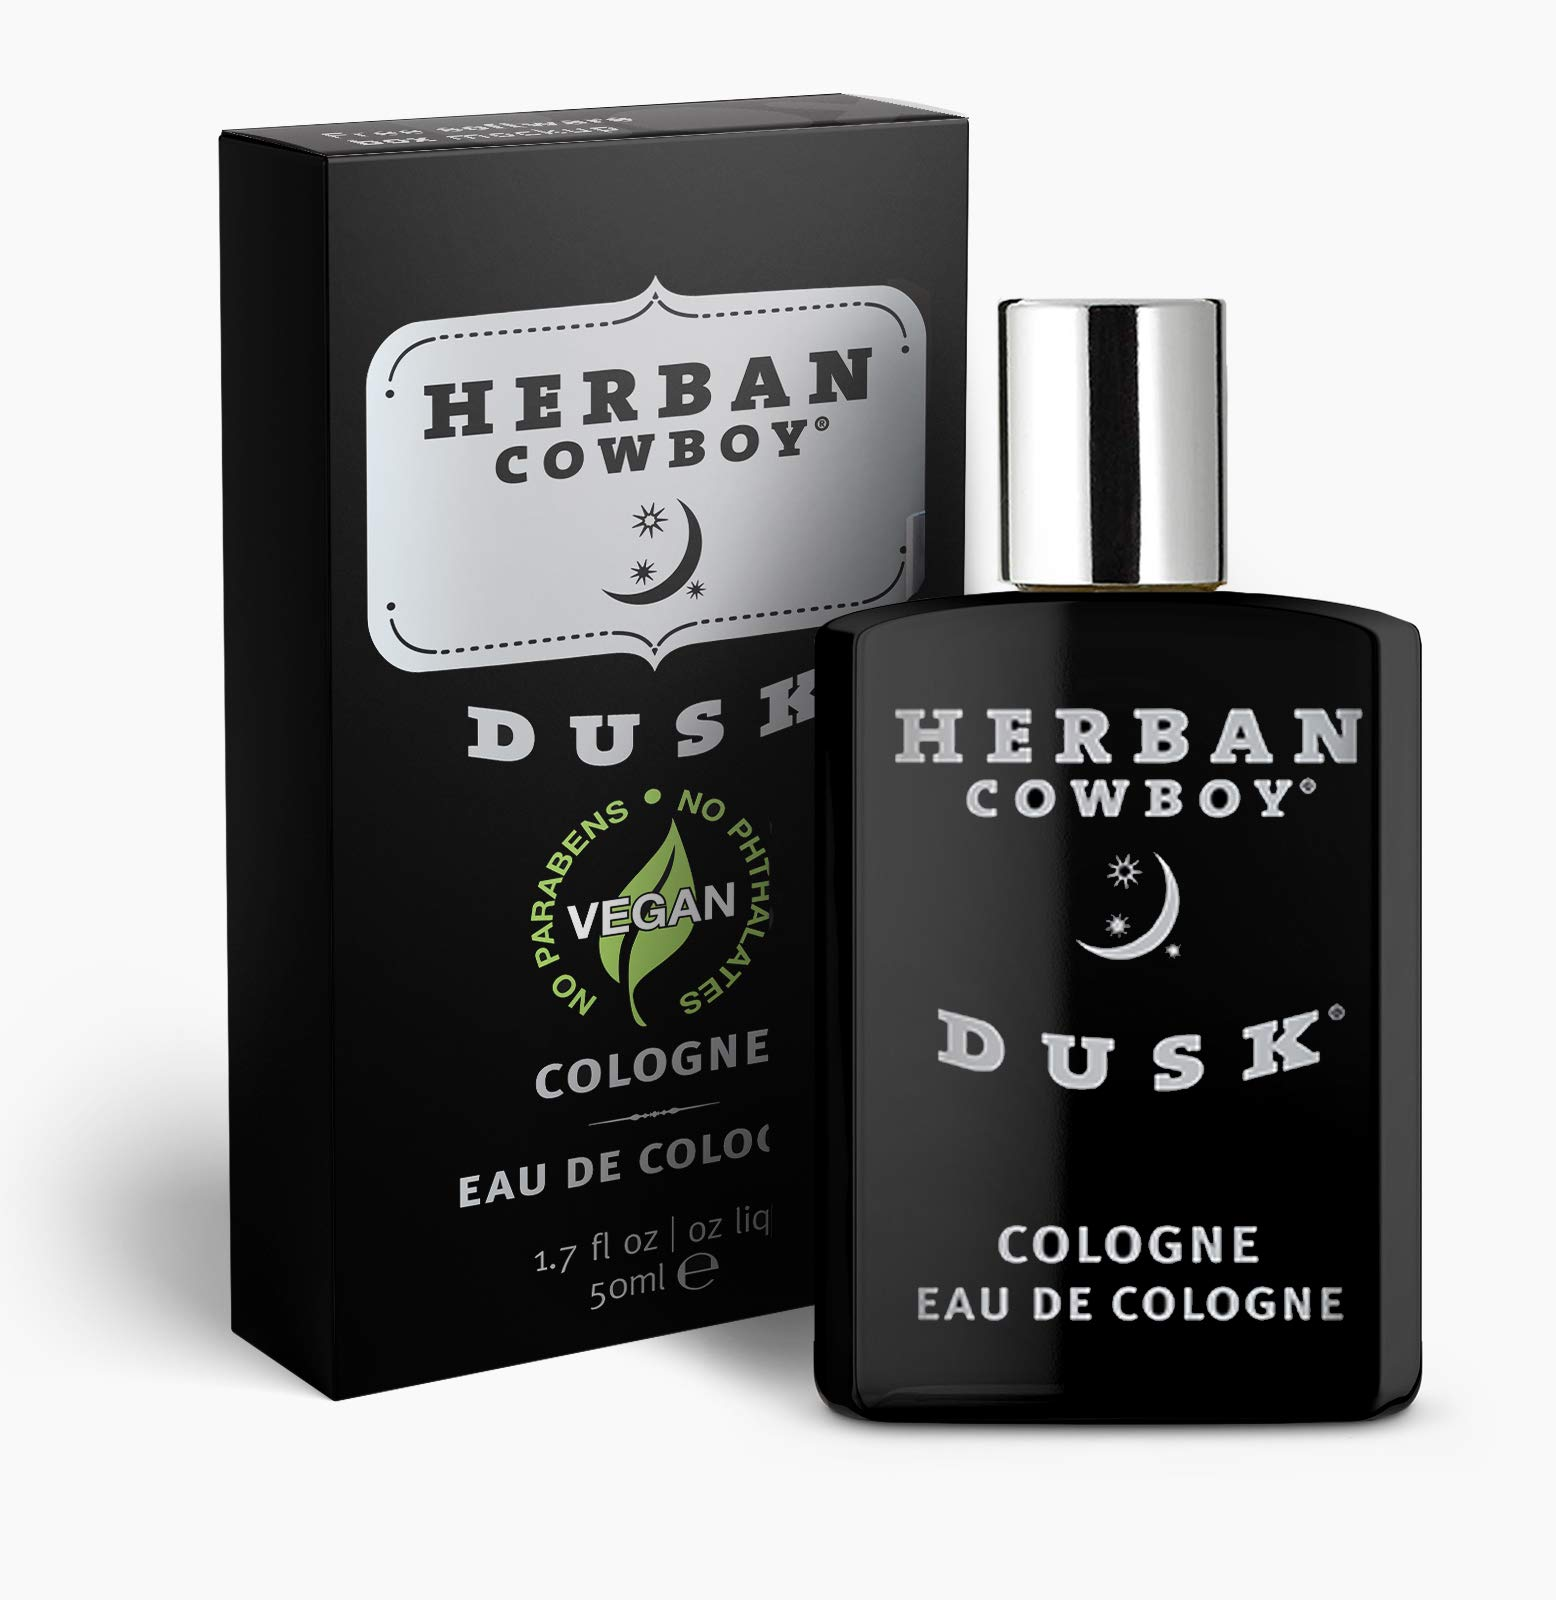 Herban Cowboy Men's Cologne, Dusk, 1.7 Ounce